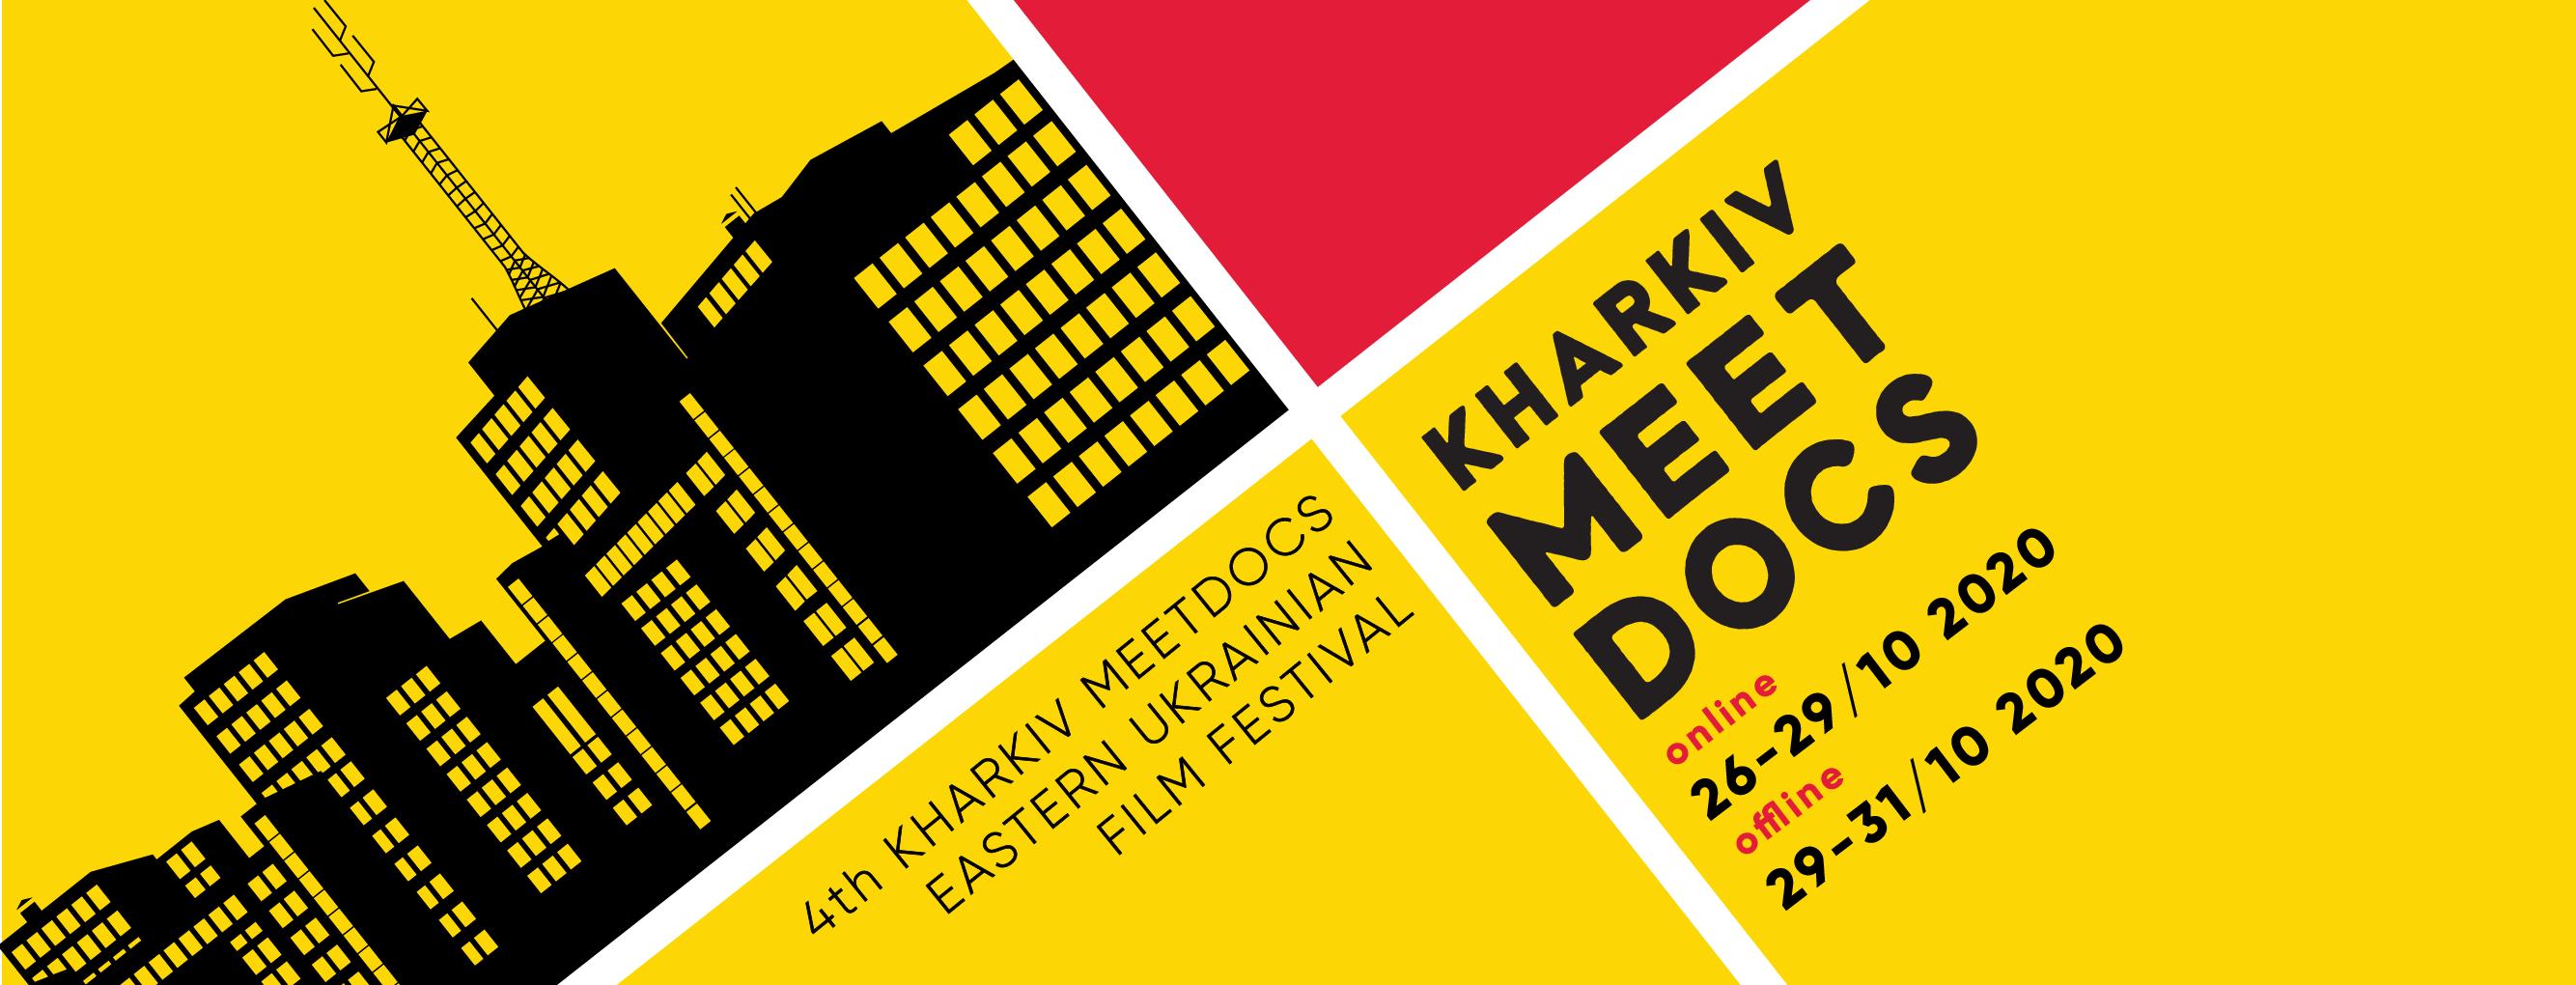 Фестиваль Харьков